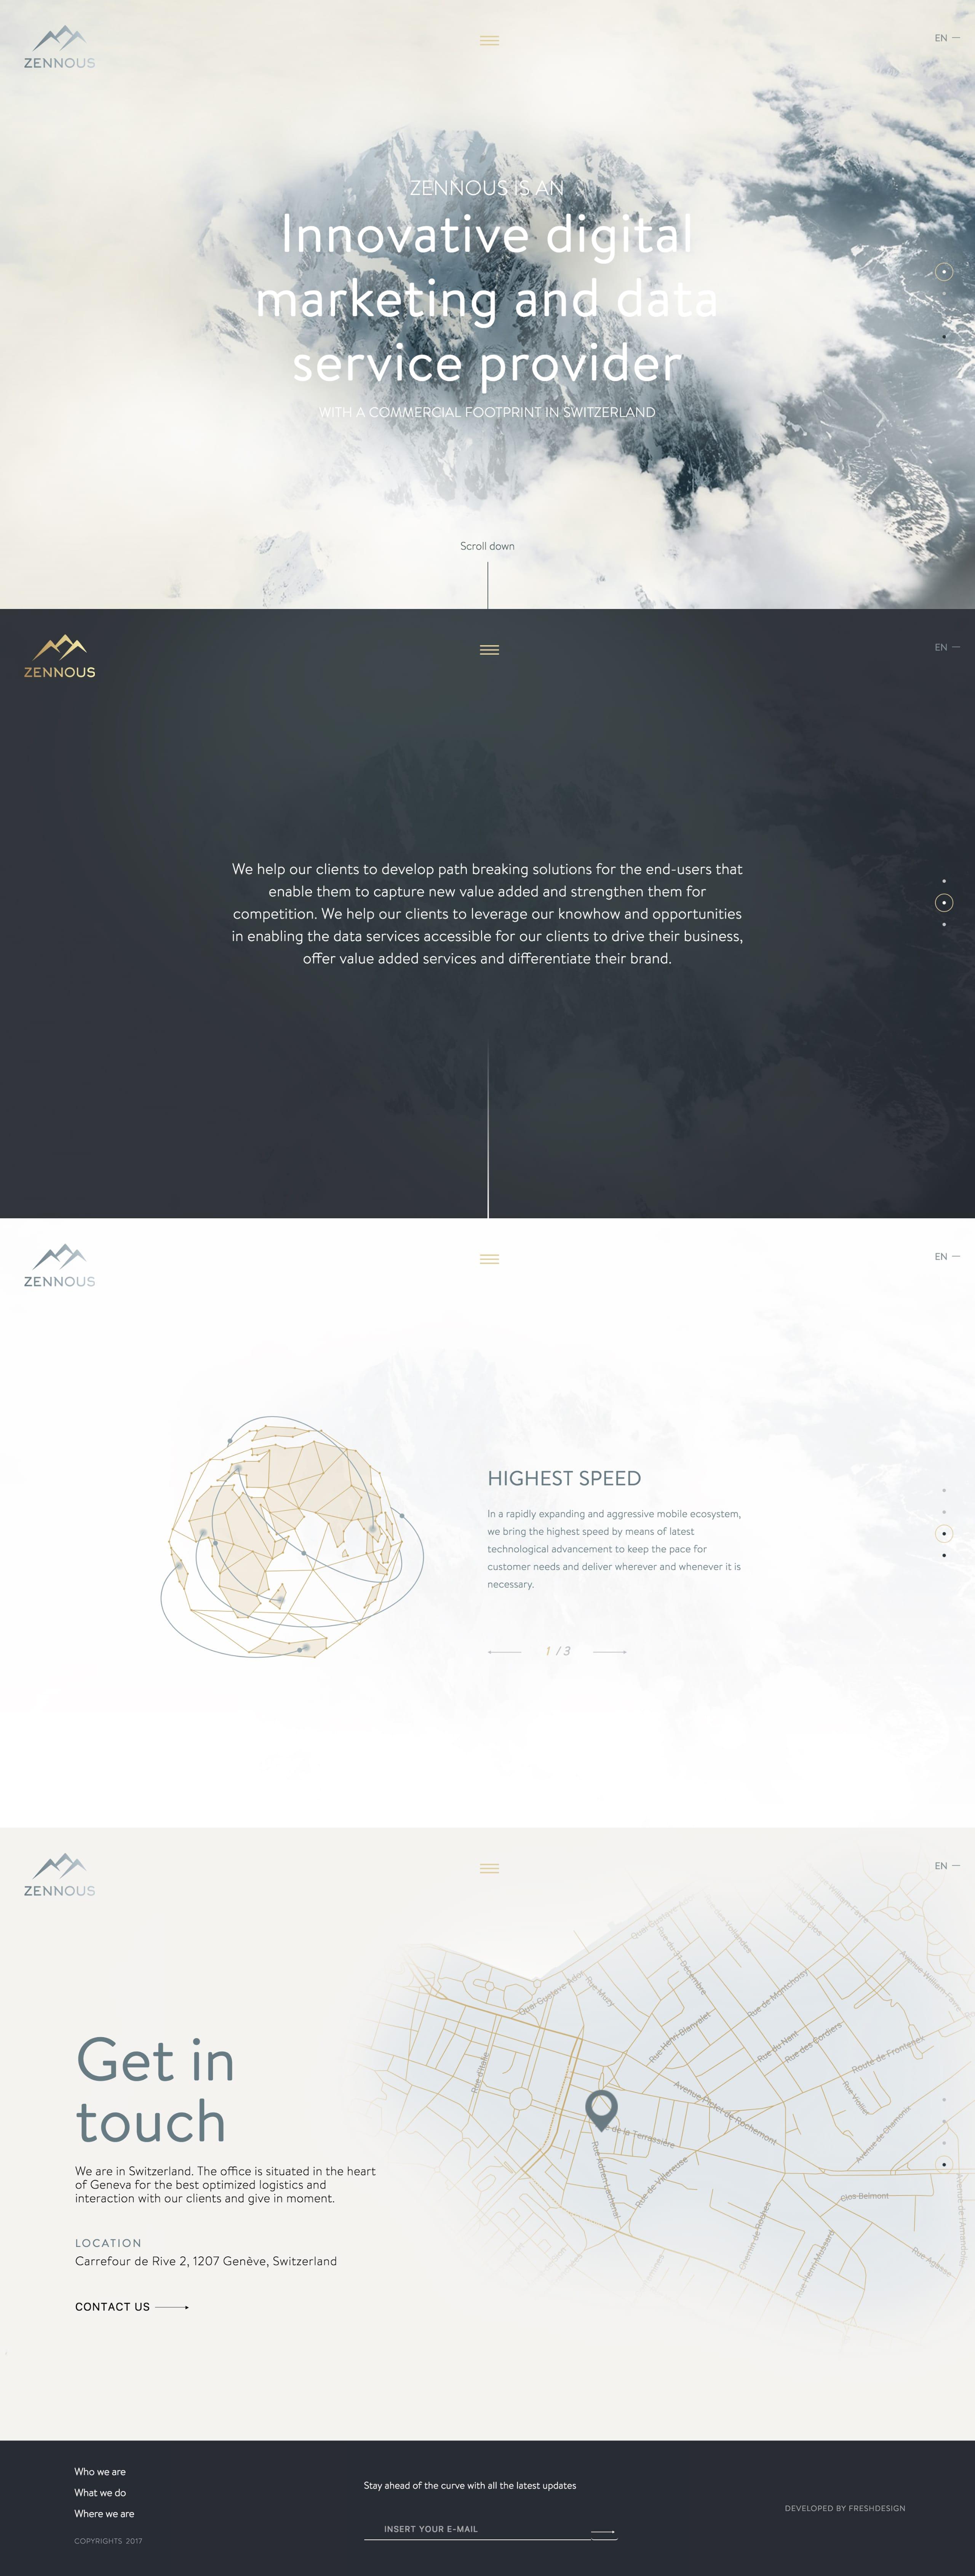 Zennous Innovation Website Screenshot